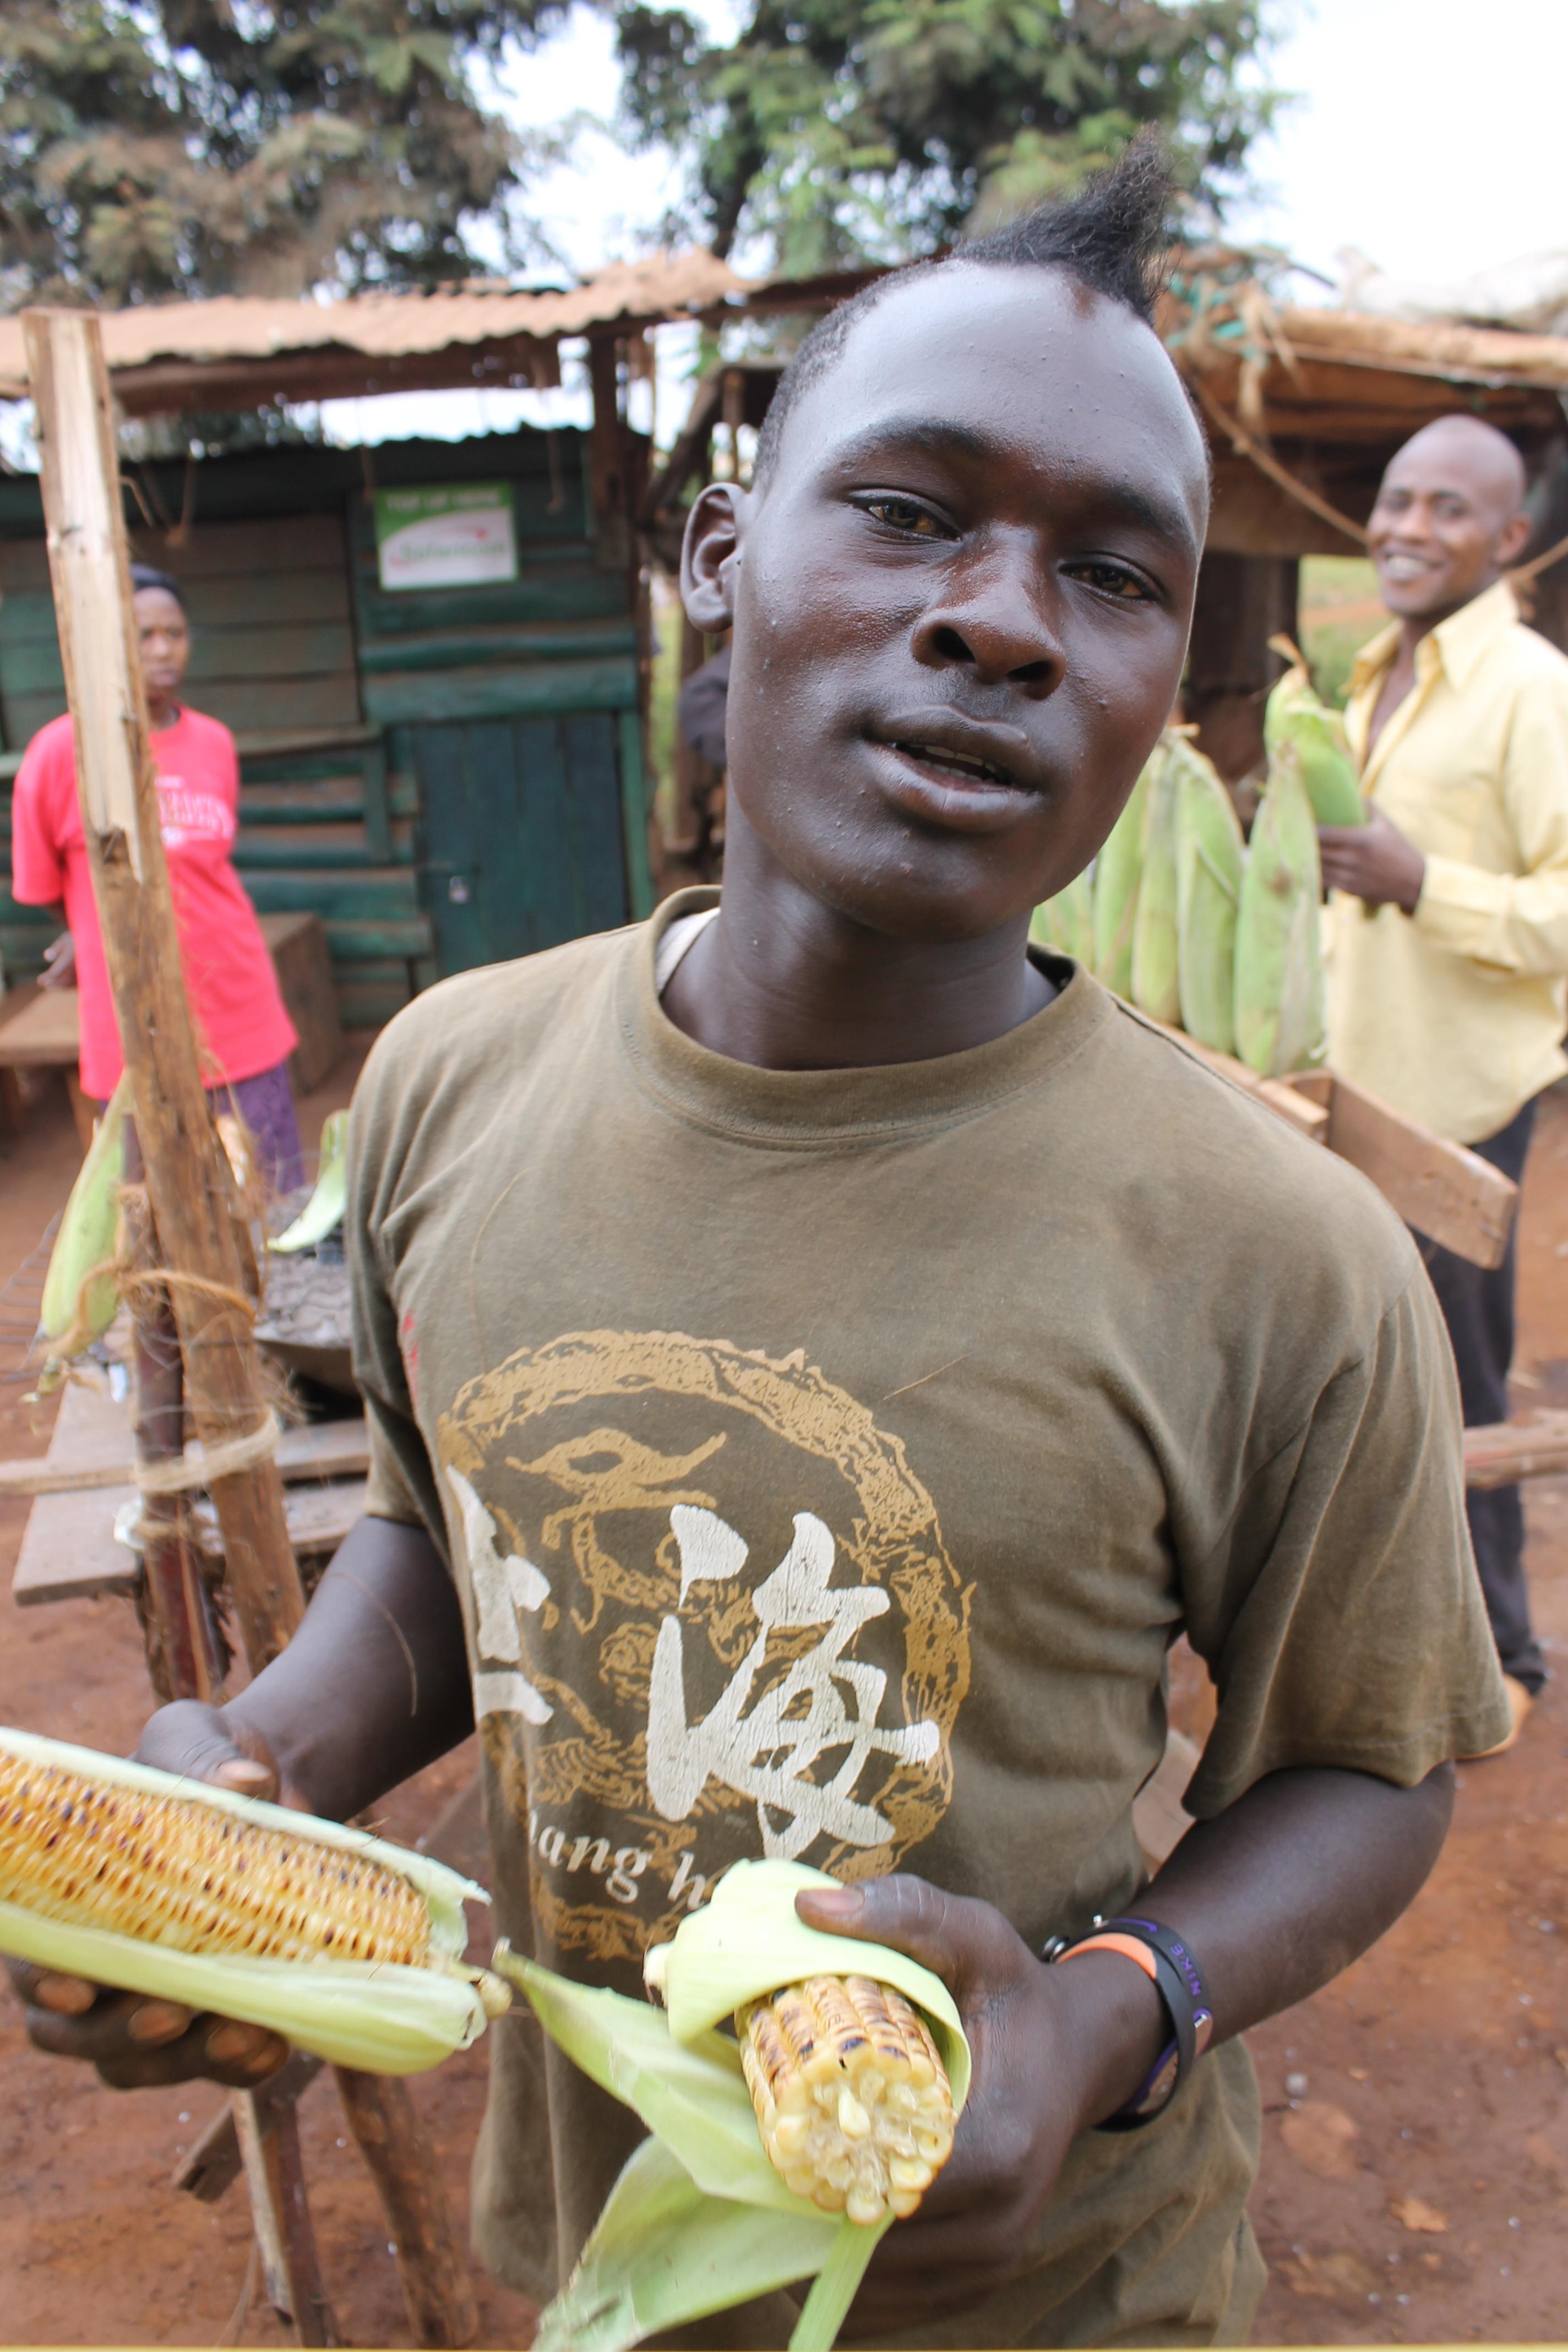 Corn vendor in Kenya.